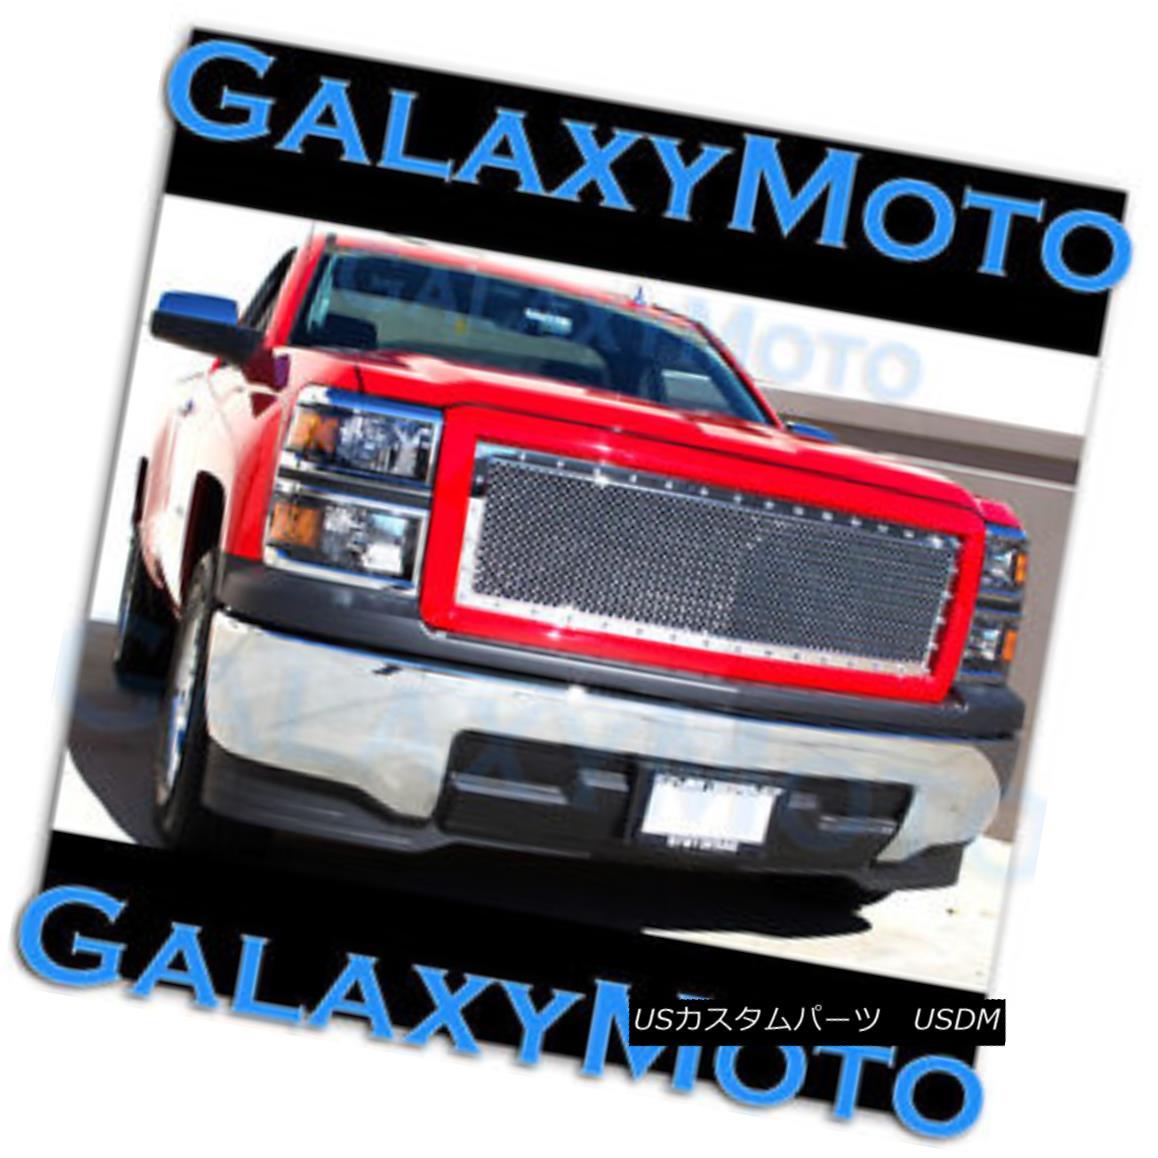 グリル 14-15 Chevy Silverado 1500 Chrome Rivet Mesh Grille+Victory Red Outer Shell 2015 14-15シボレーシルバラード1500クロムリベットメッシュグリル+ビクトリーレッドアウターシェル2015